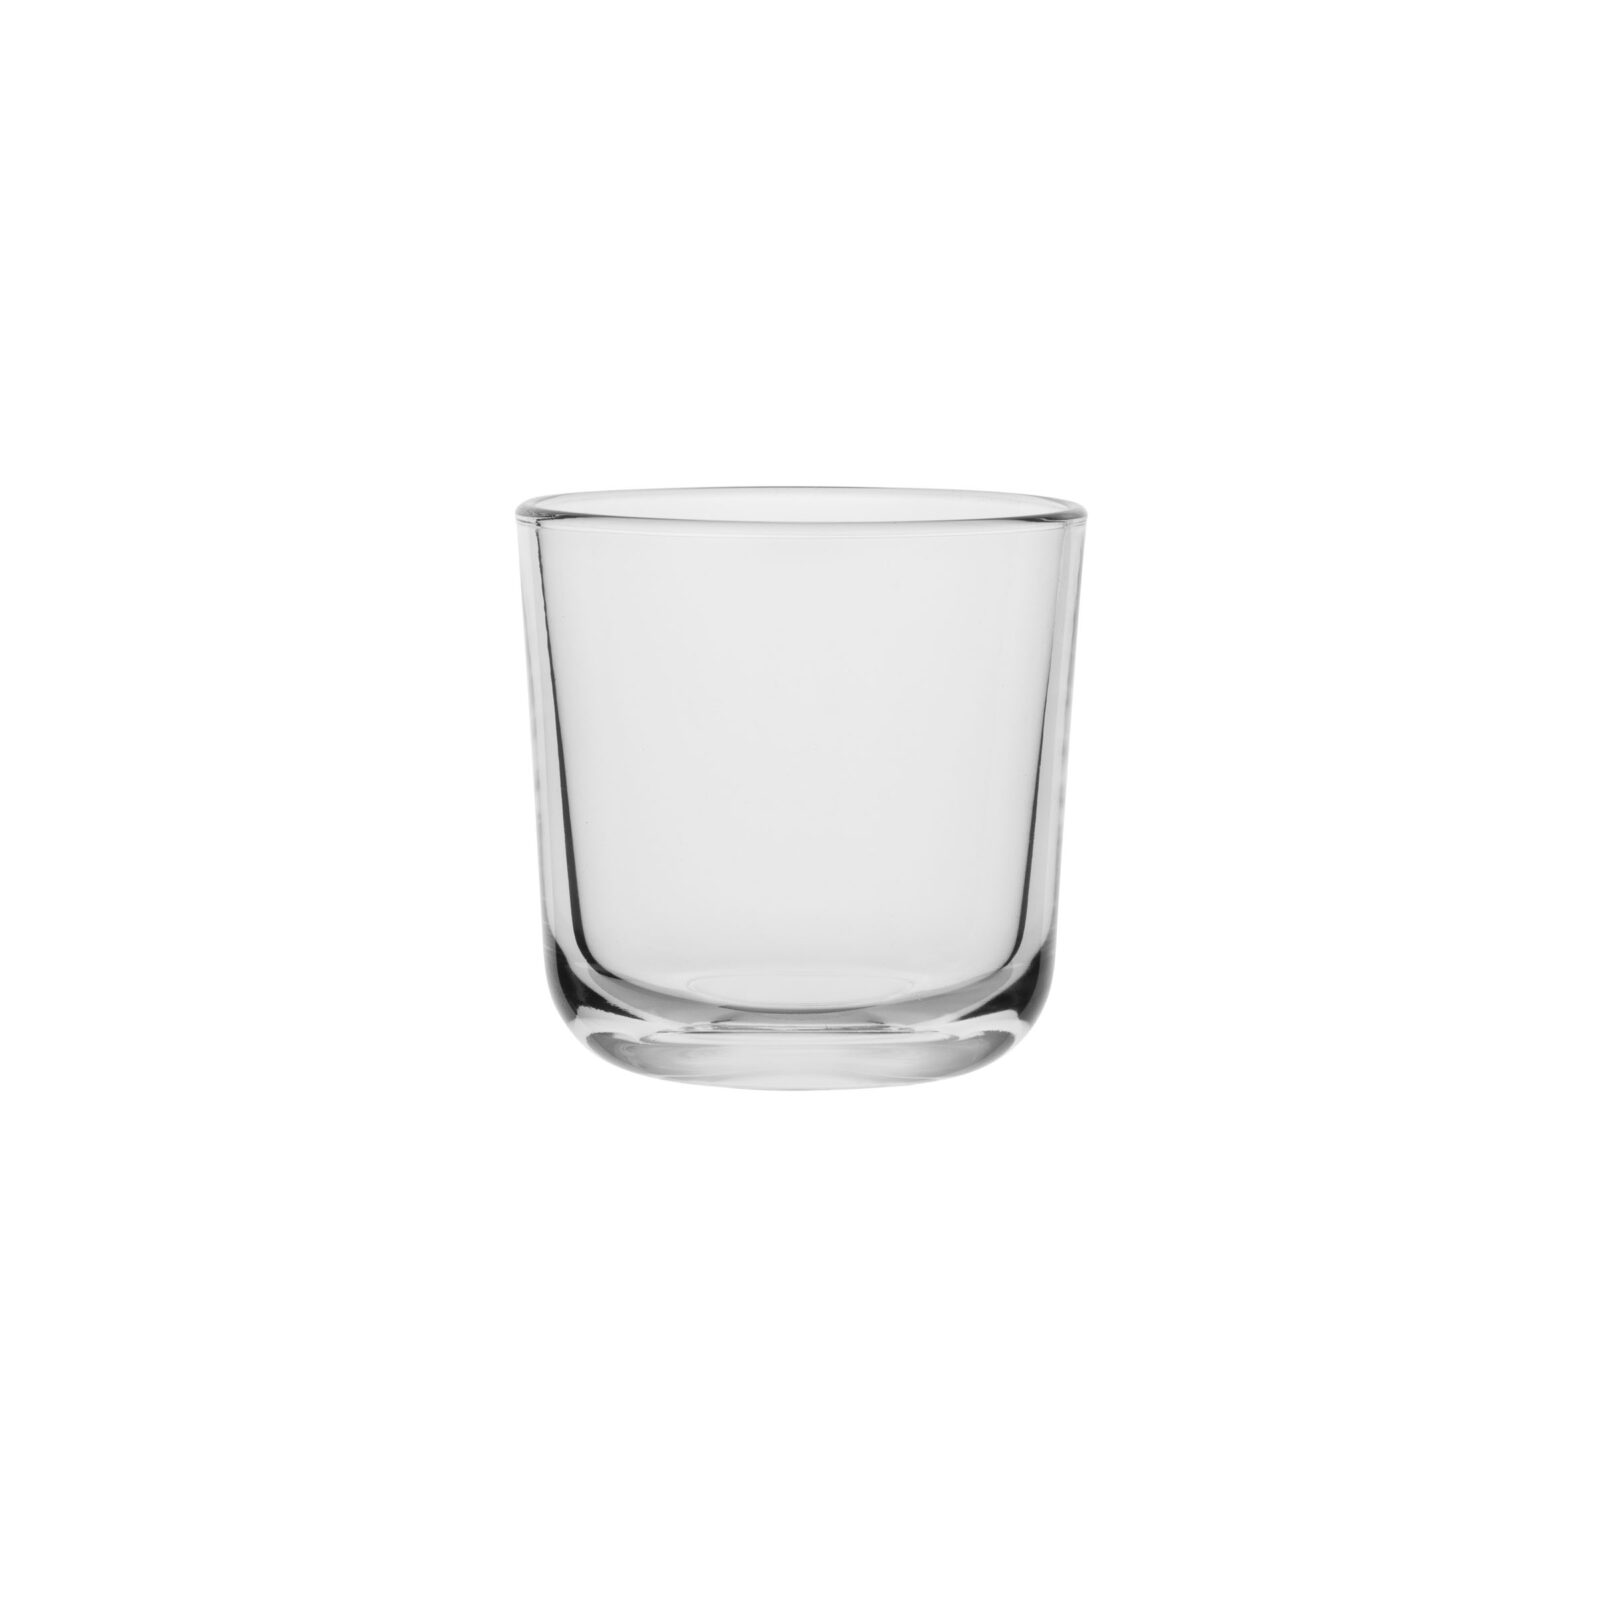 Pojemnik szklany pod zalew świec 70020-kpl 6szt